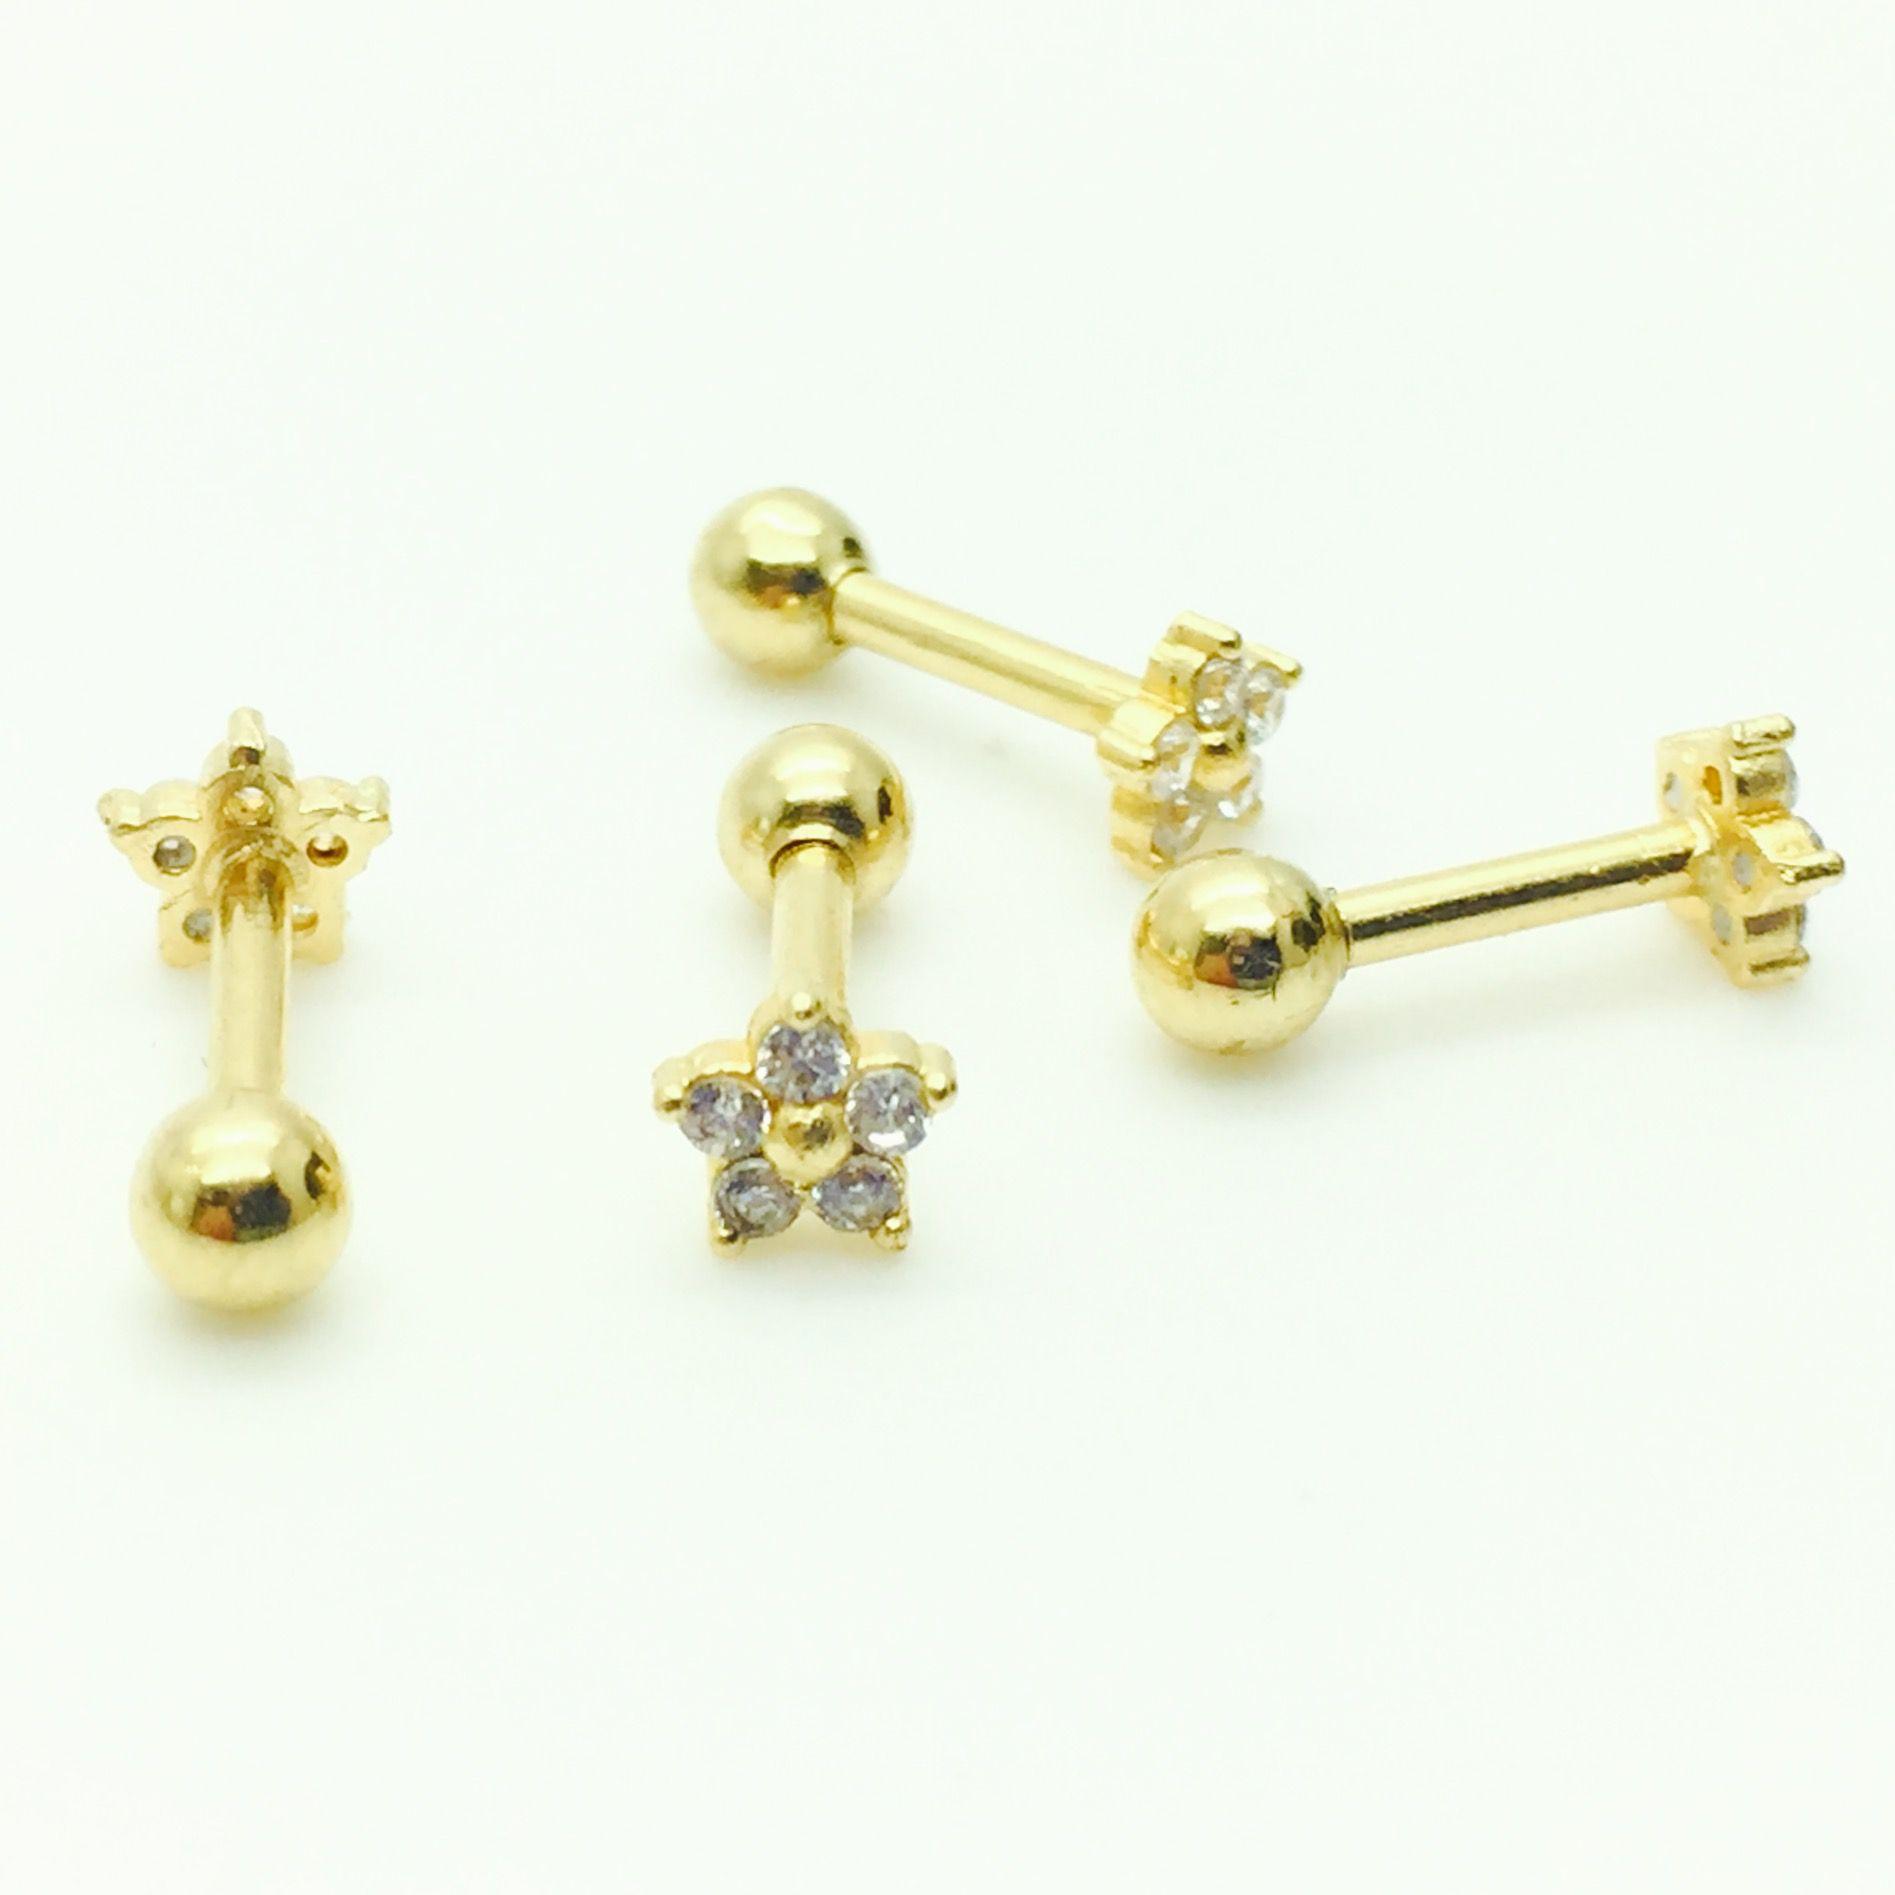 Ouro 18k Piercing Flor Estrela com Pedras Cartilagem Tragus Orelha CO110K045.